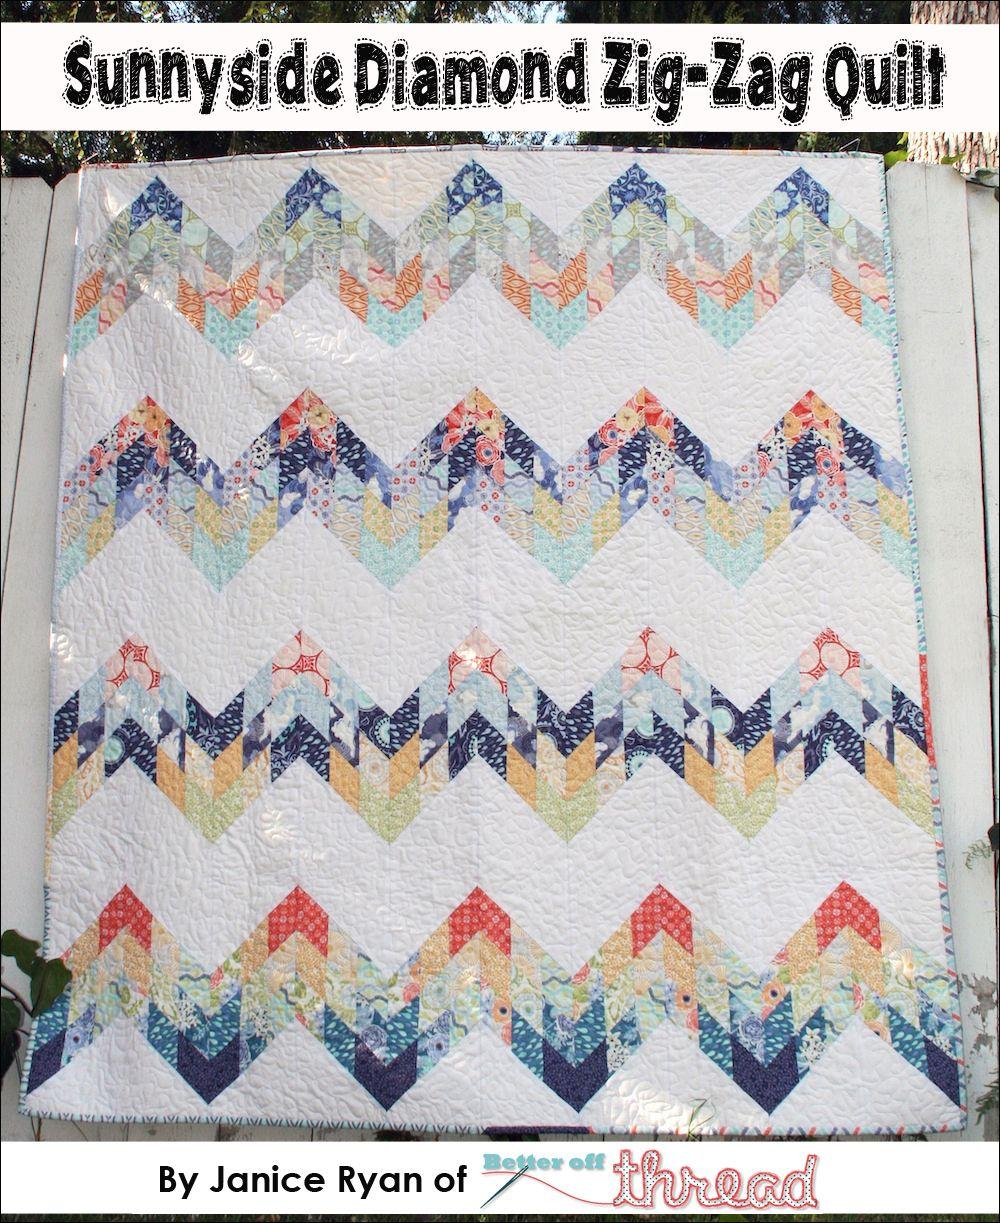 Sunnyside Diamond ZigZag Quilt Moda Bake Shop Baby sewing ideas